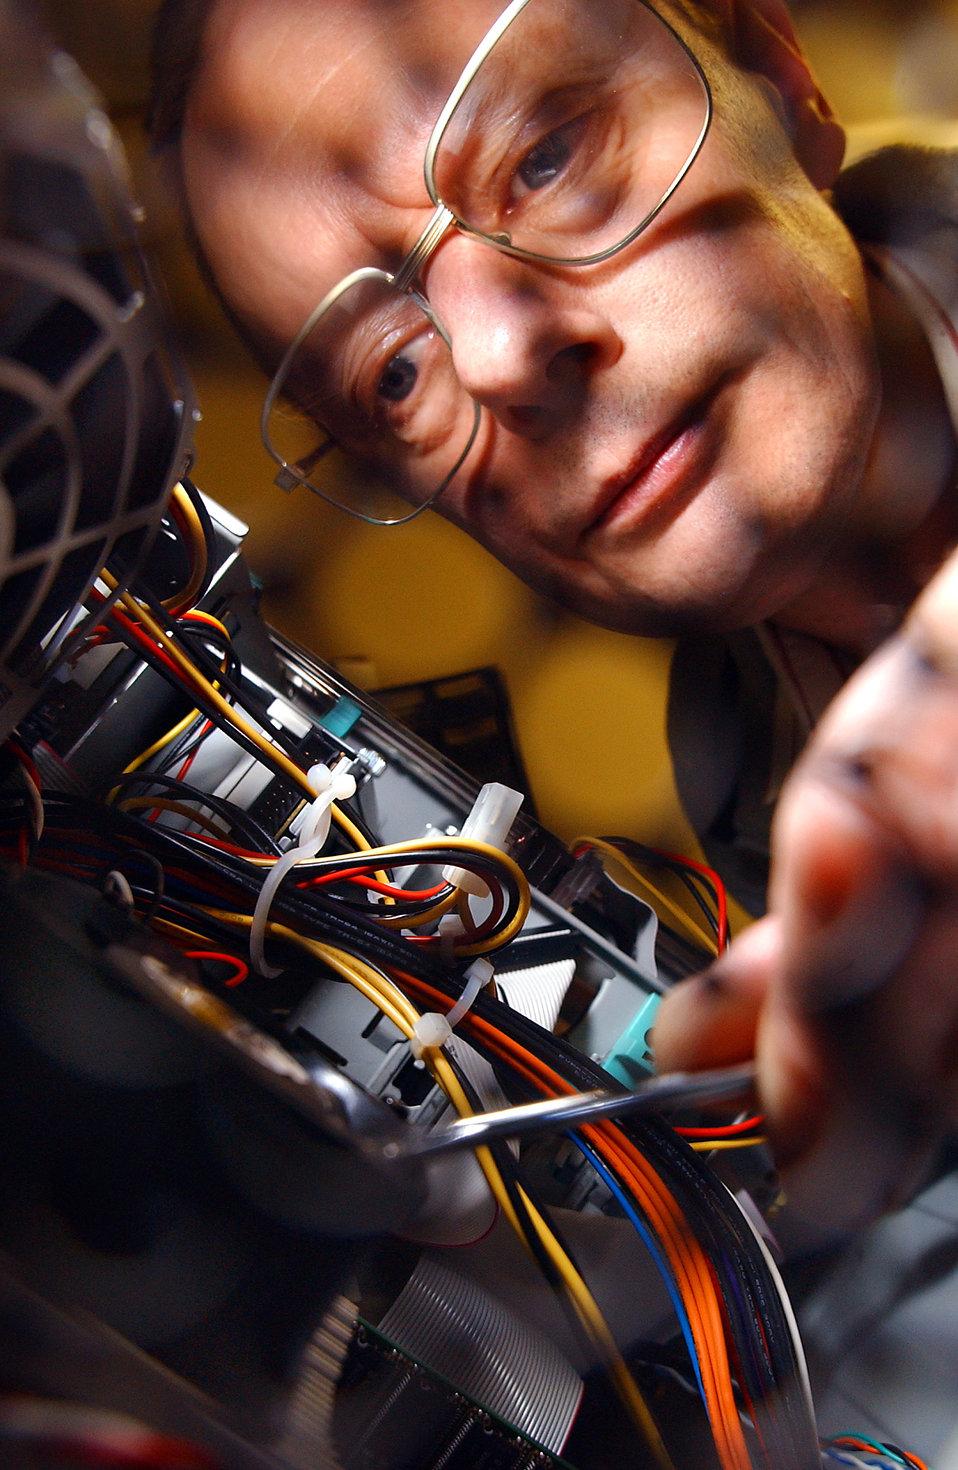 A CPU fan